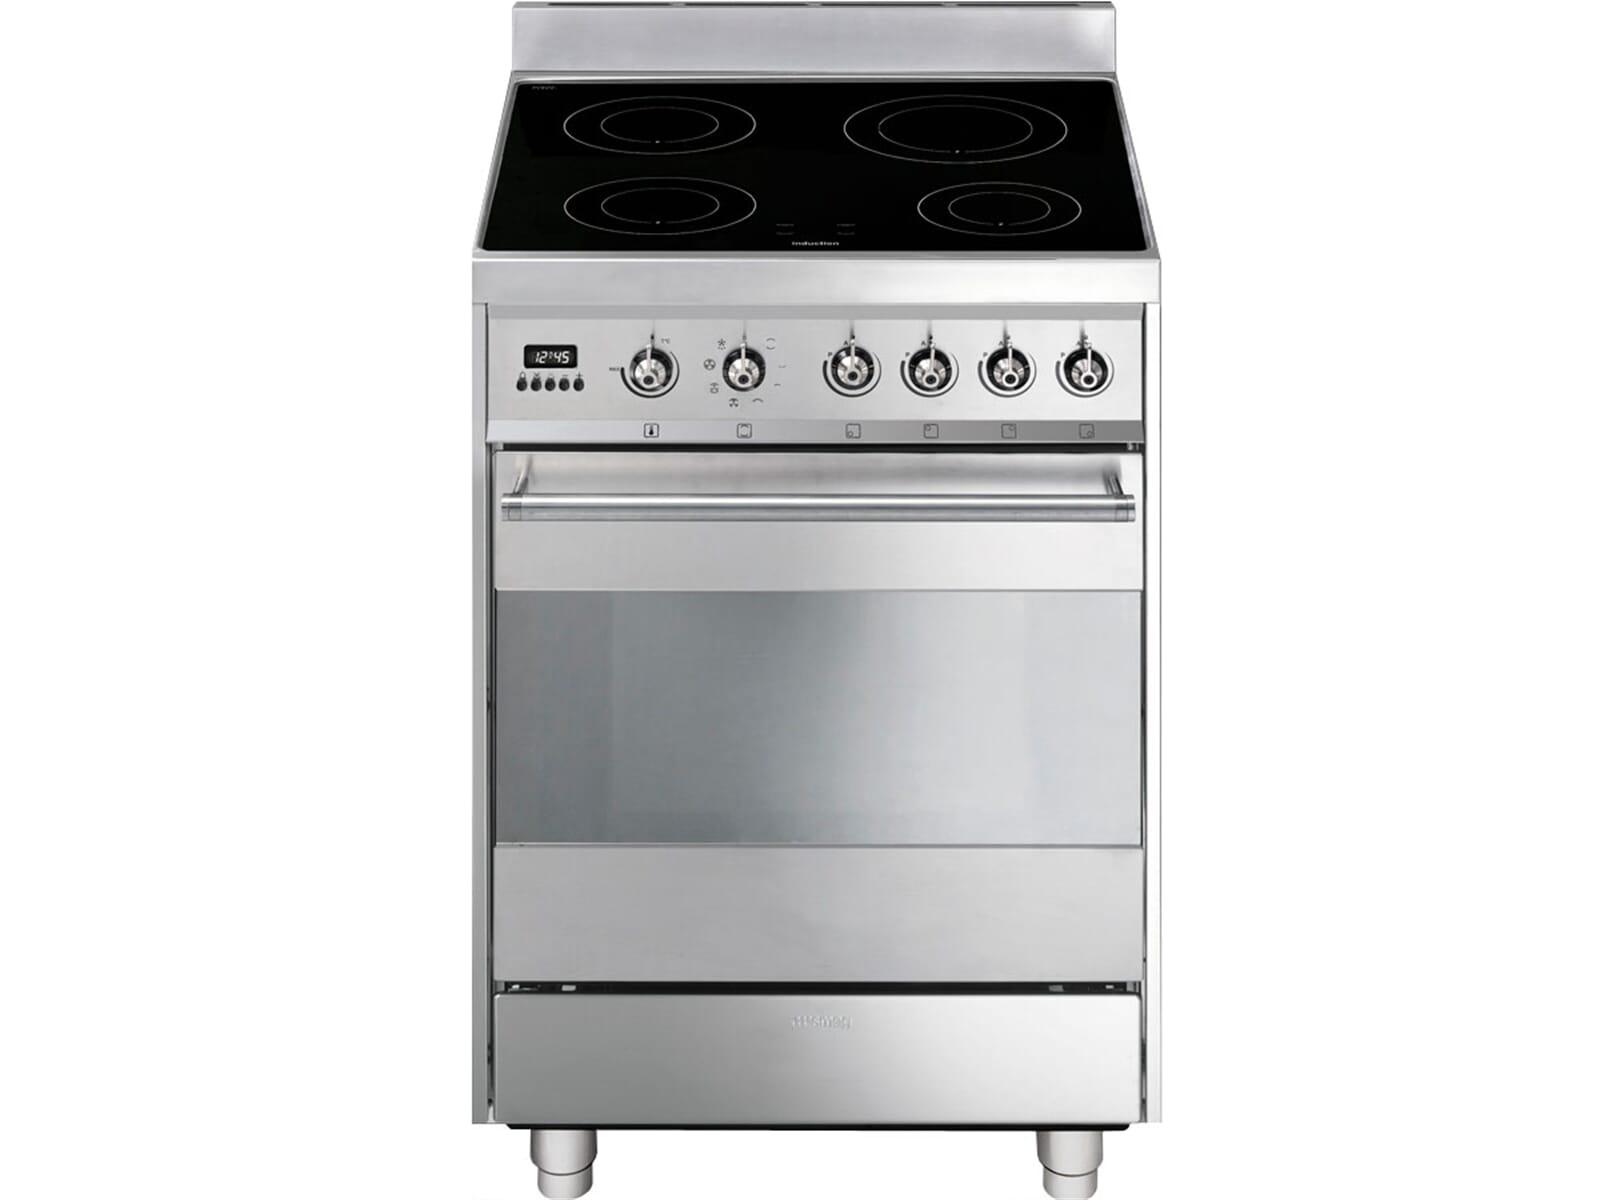 Bosch Kühlschrank Creme : Smeg kühlschrank creme gebraucht kühlschrank rot retro bosch